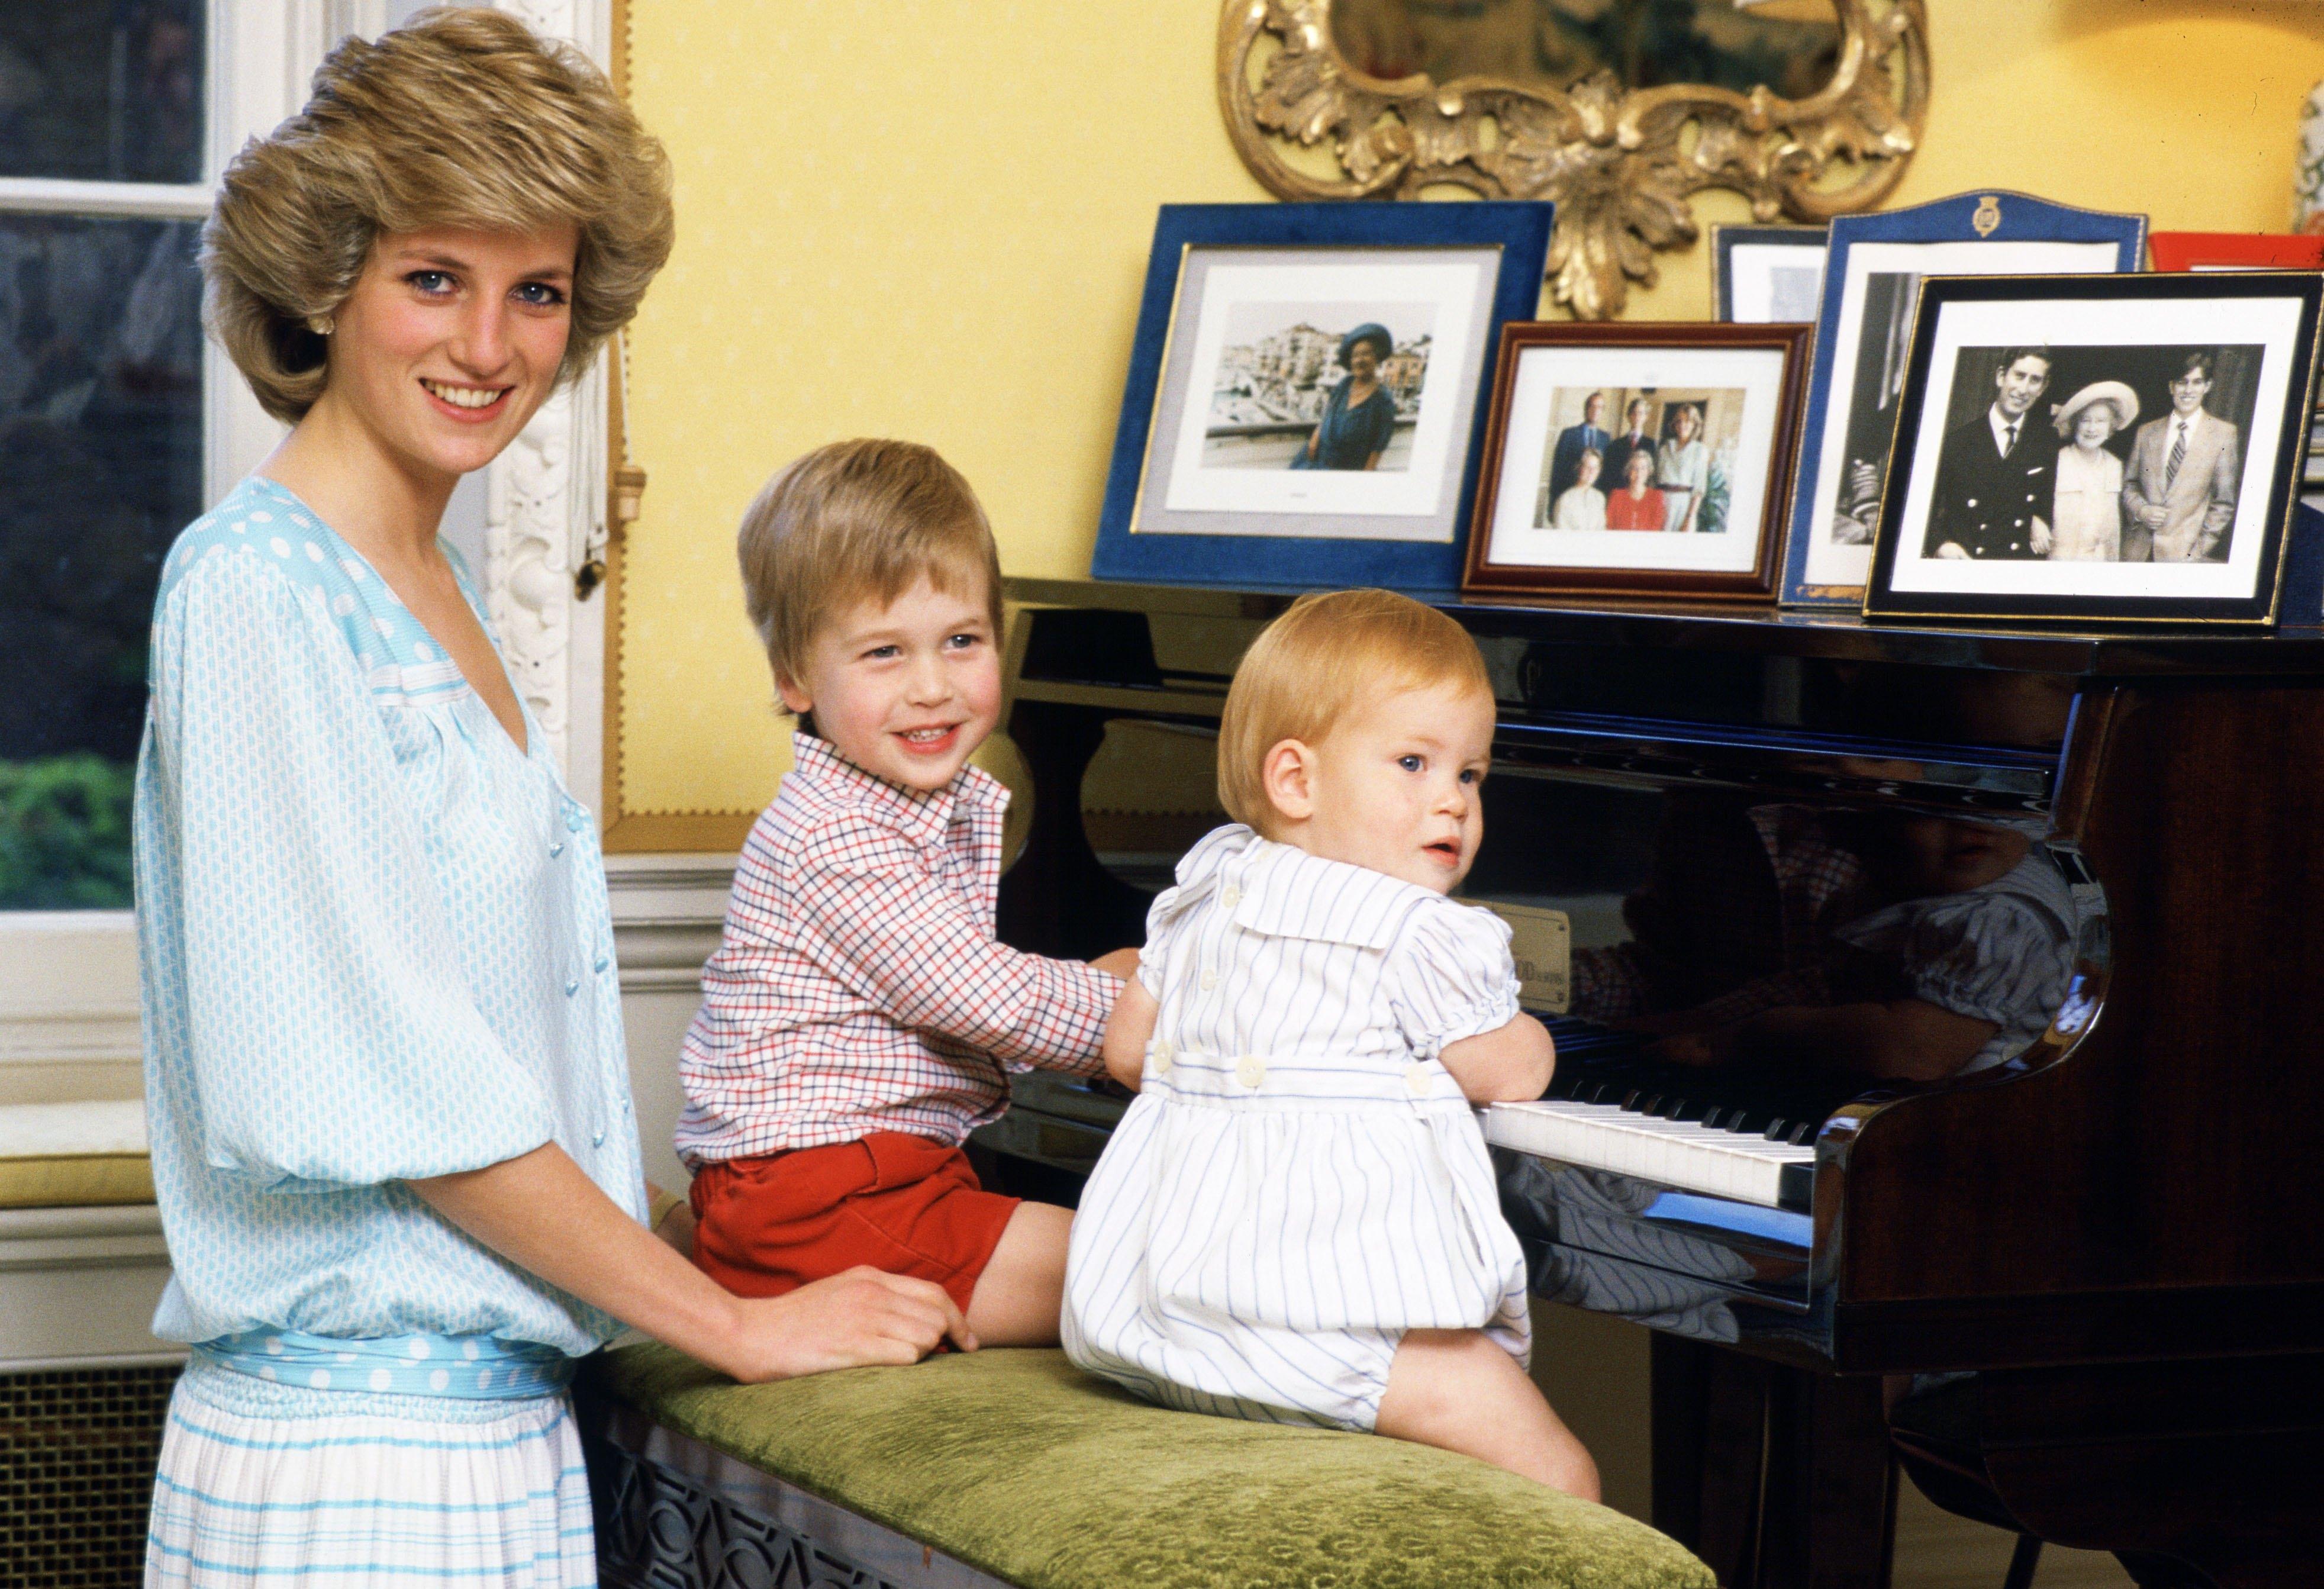 Tienes que ver este tierno video del príncipe William, el príncipe Harry y Lady Diana